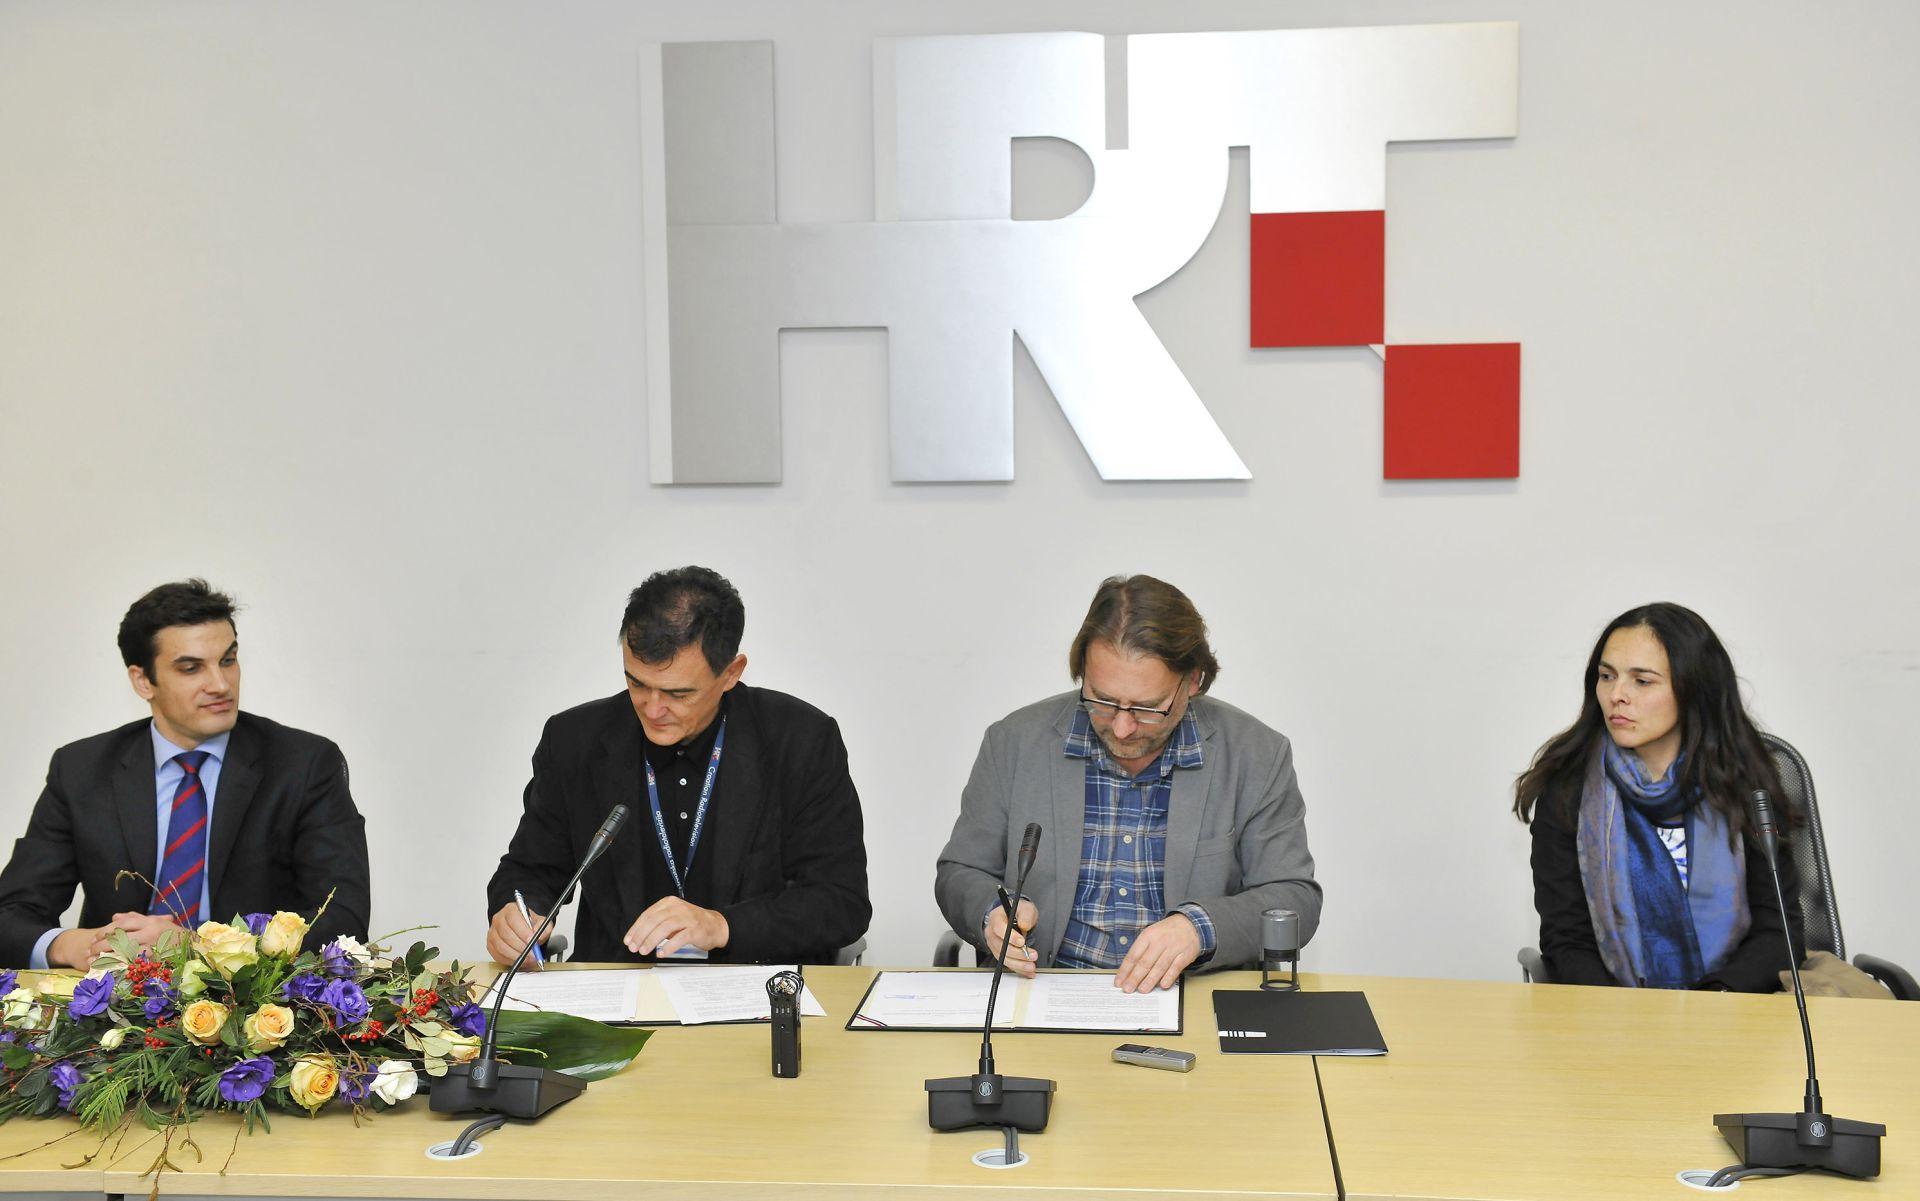 POTPISALI UGOVOR: HRT i HAVC- Uređenje međusobnih odnosa